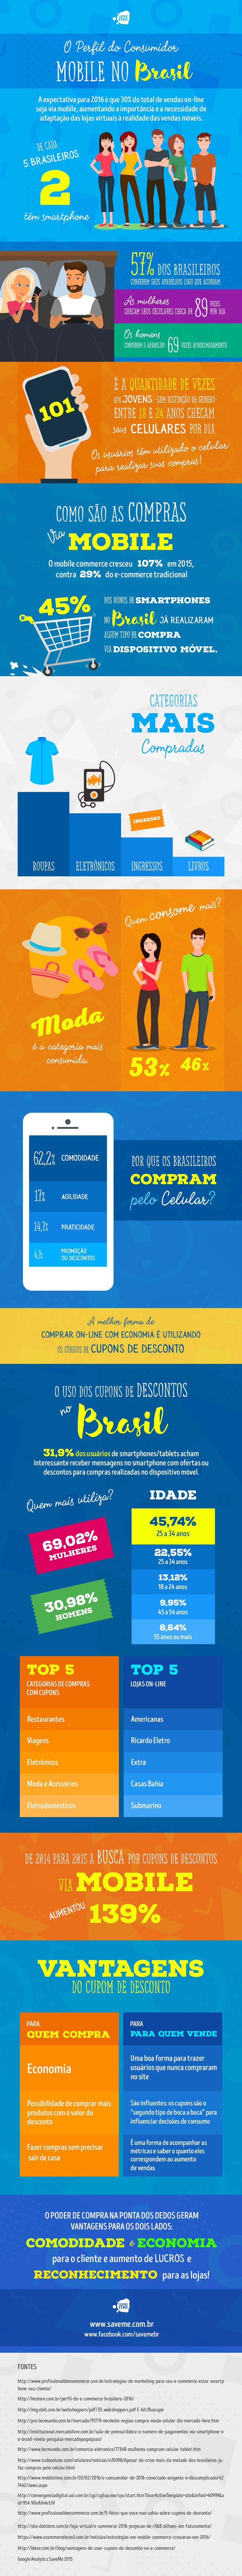 Perfil do Consumidor Mobile no Brasil